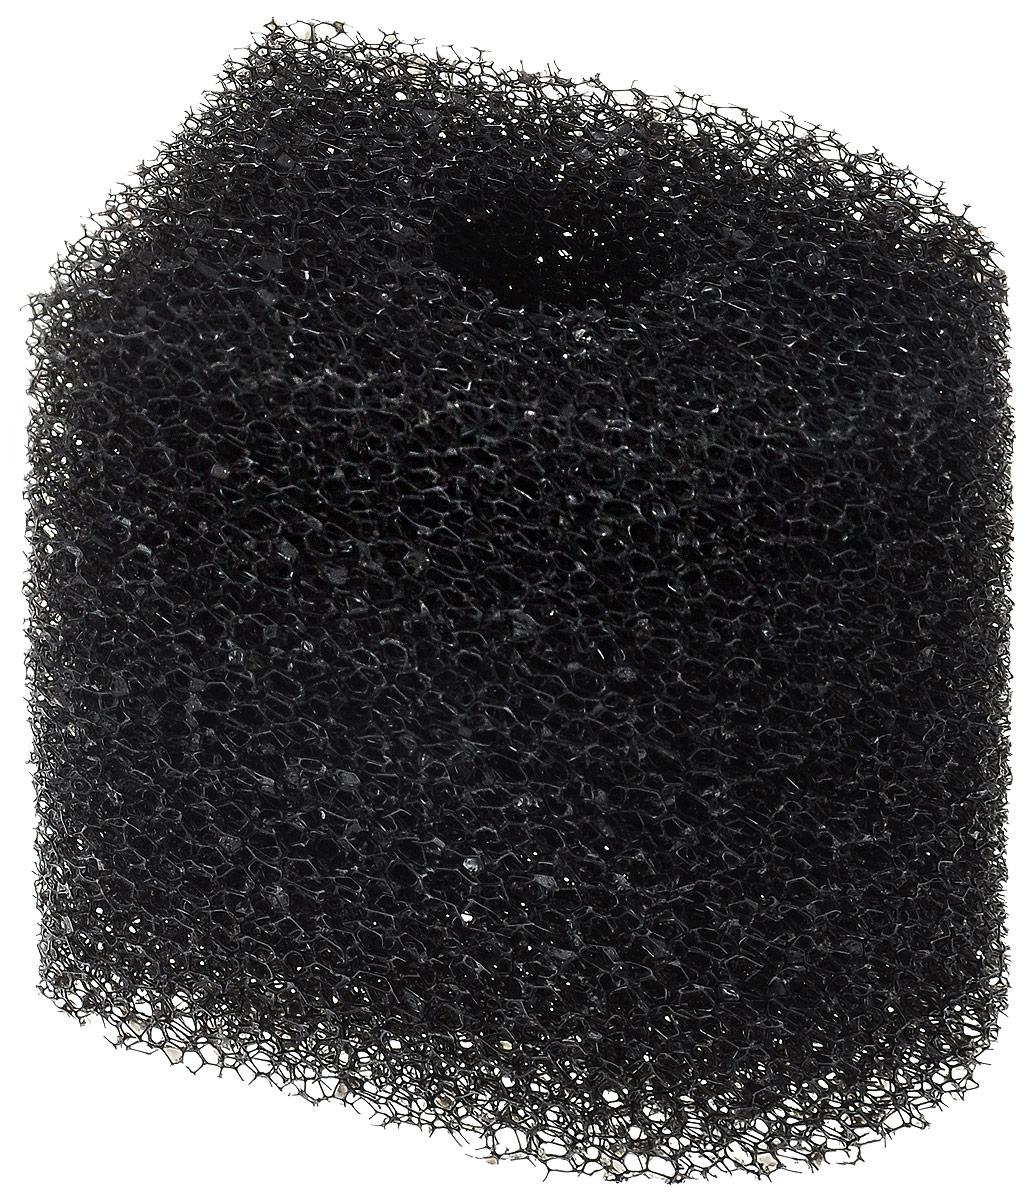 Губка Barbus для фильтра WP-5002 F, сменная, 7 х 6 х 7,5 смSponge 5002Сменная губка Barbus предназначена для фильтра WP-5002 F и состоит из высокопористого материала для эффективной очистки воды в аквариуме. Губка для фильтра является основным сменным элементом, влияющем на обеспечение нормальных условий для жизни рыб. Губка отлично подходит для размножения полезных бактерий, поэтому осуществляет как механическую, так и биологическую очистку.